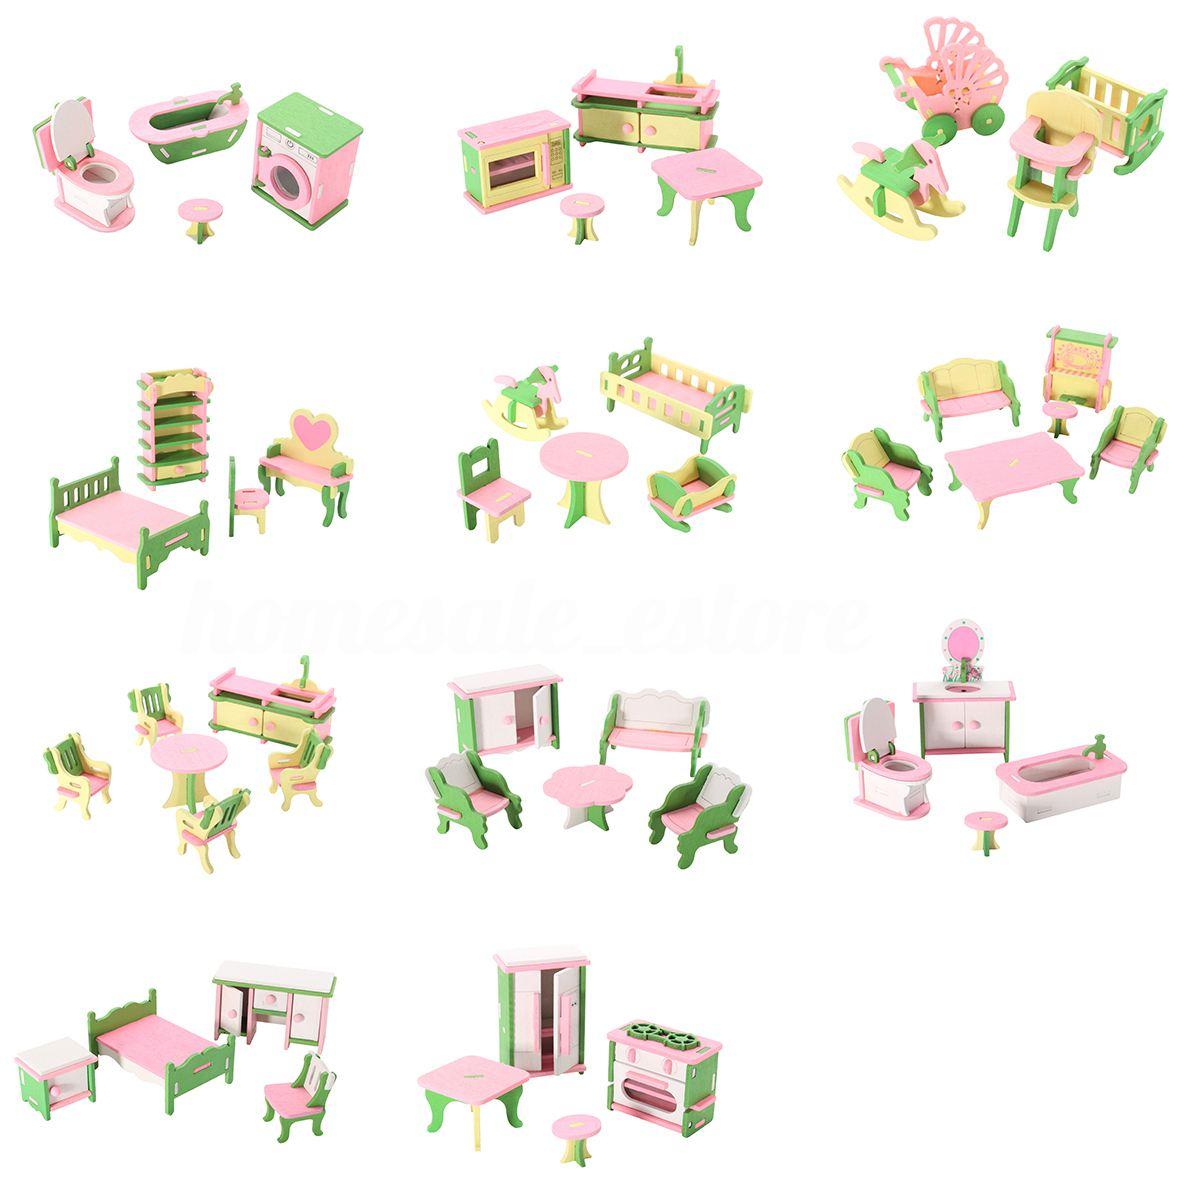 magicyoyo 49 pcs 11 conjuntos de moveis de madeira do bebe bonecas casa miniatura crianca jogar